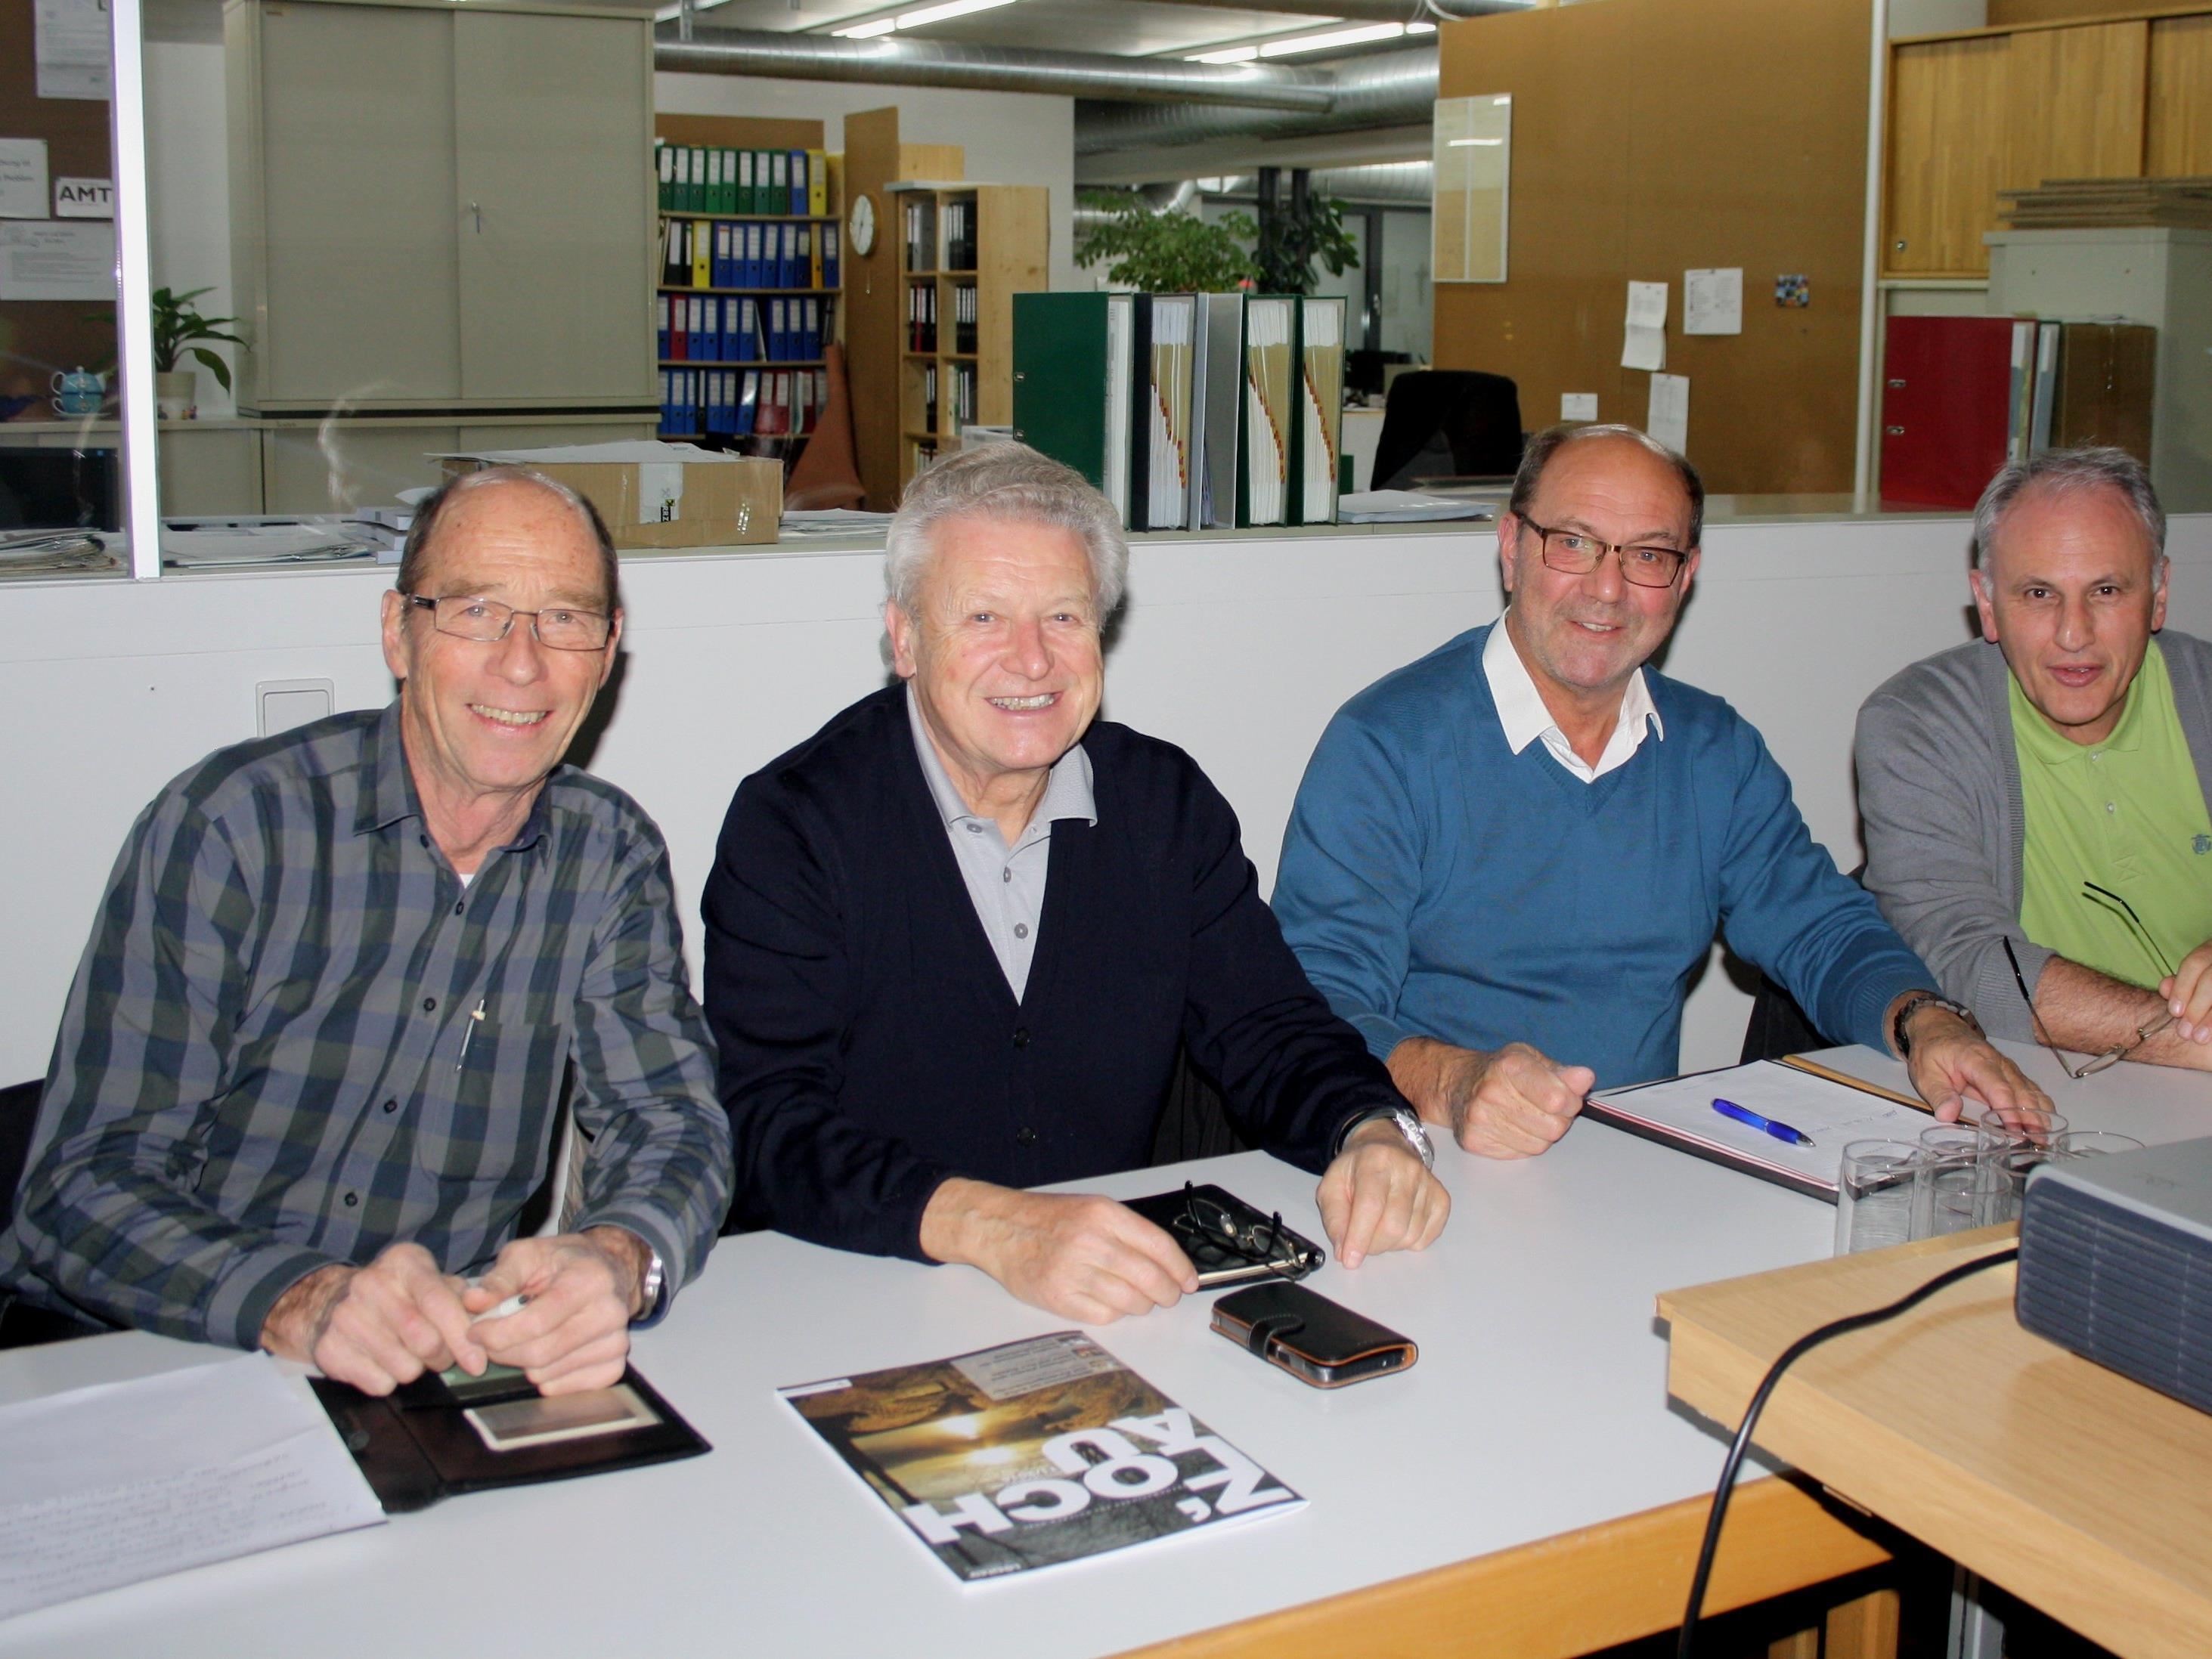 """""""Termine-Sitzung"""" im Gemeindeamt: Manfred Heimbach (Männergesangverein), Benno Wagner (Weltladen), Charly Weltle (Alte Fähre) und Wolfram Baldauf (Musikverein)."""